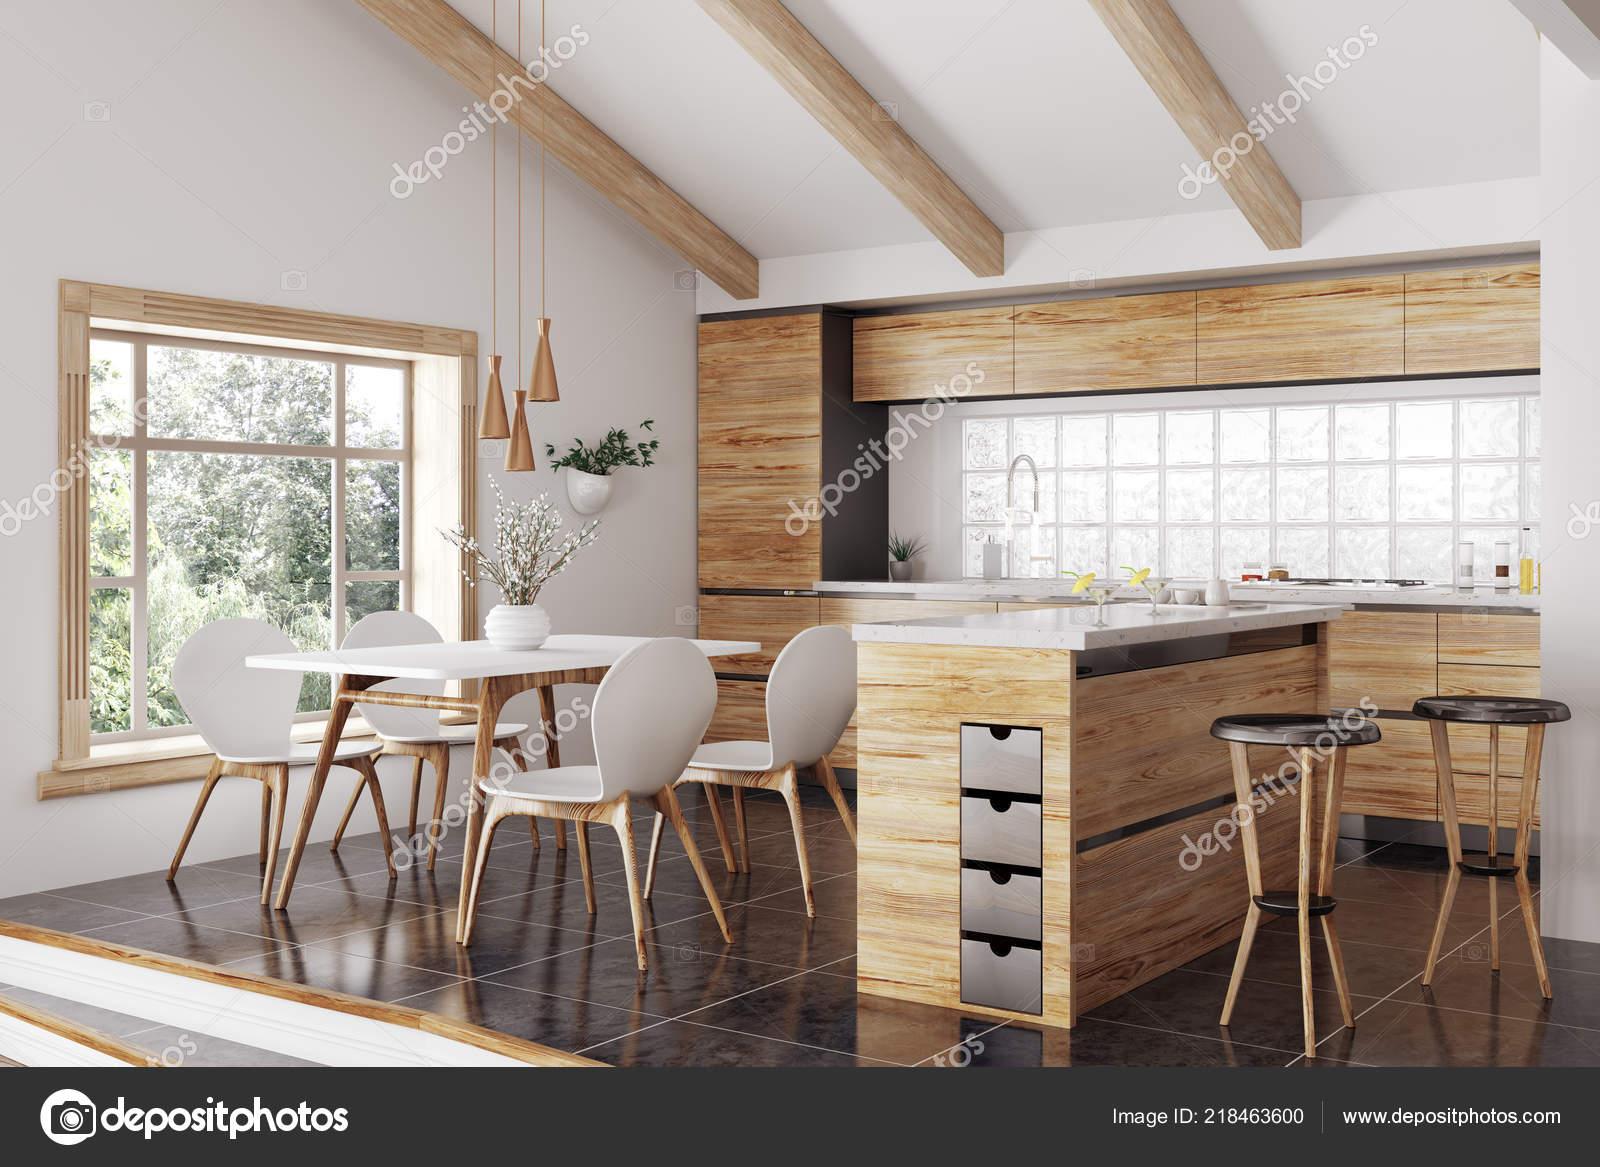 Modernes Interieur Aus Holz Kuche Mit Insel Gelb Und Weiss